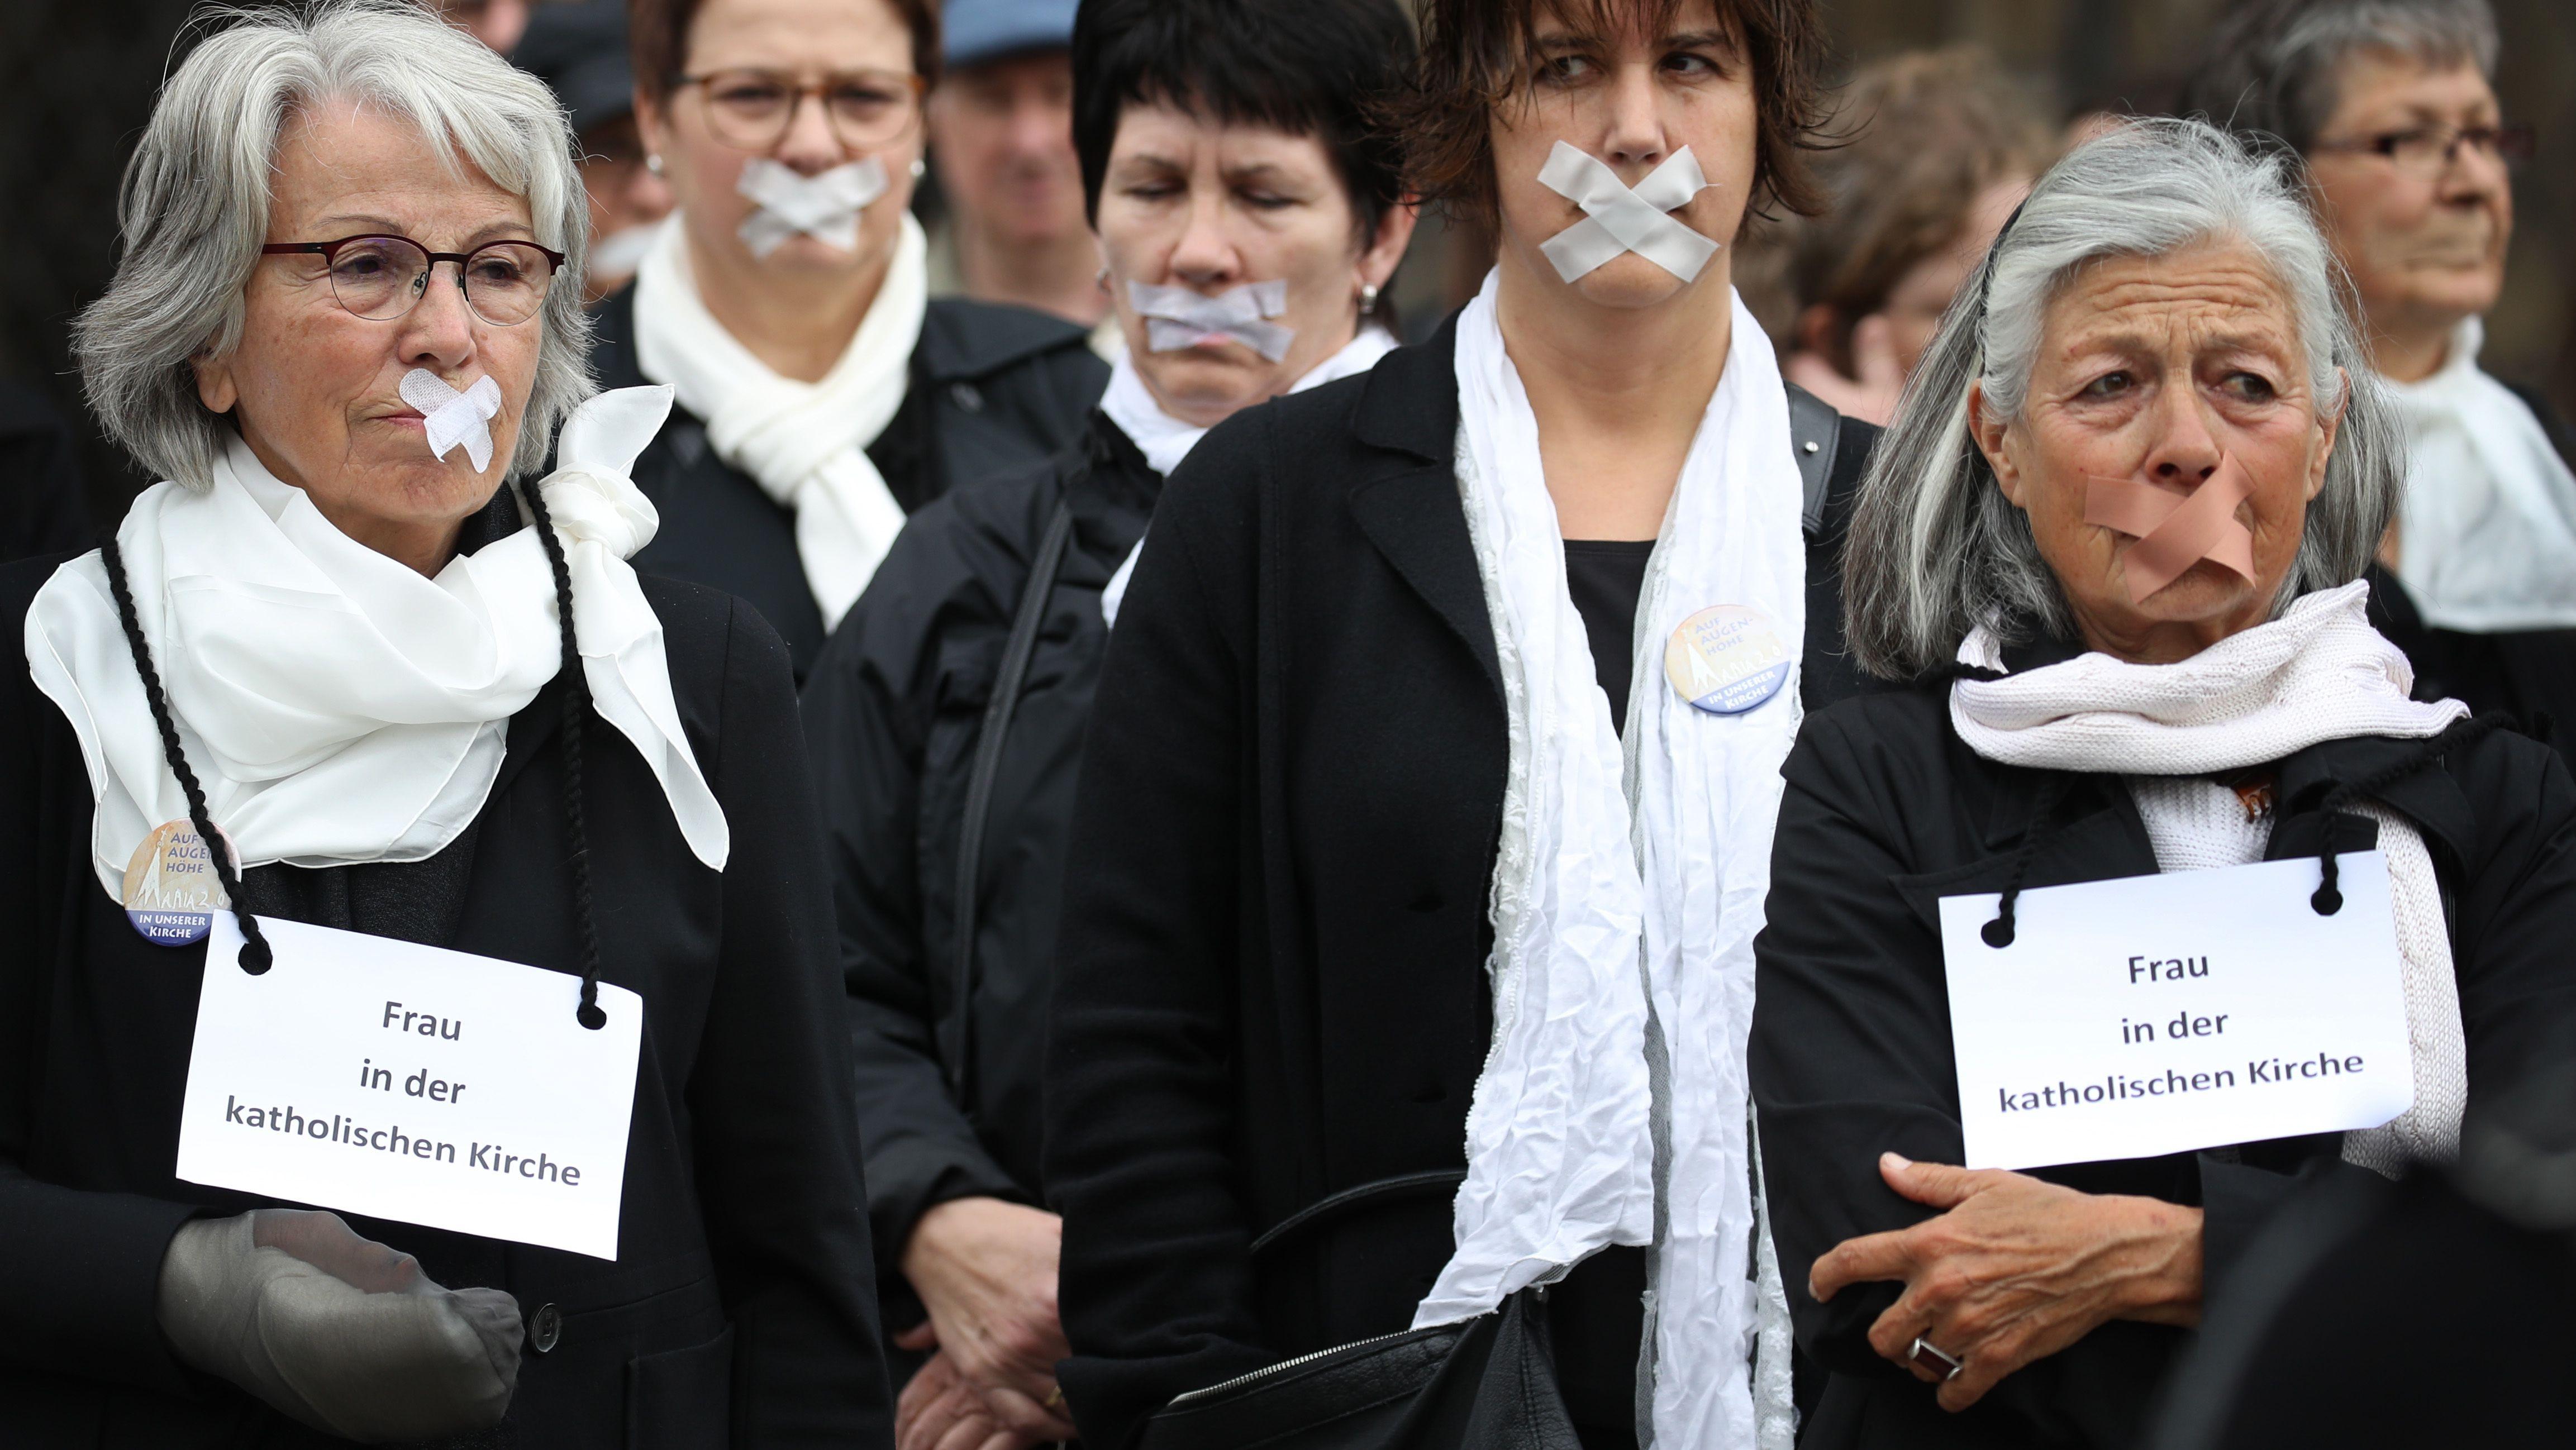 Frauen mit Pflastern über ihren Mündern stehen vor dem Ulmer Münster.